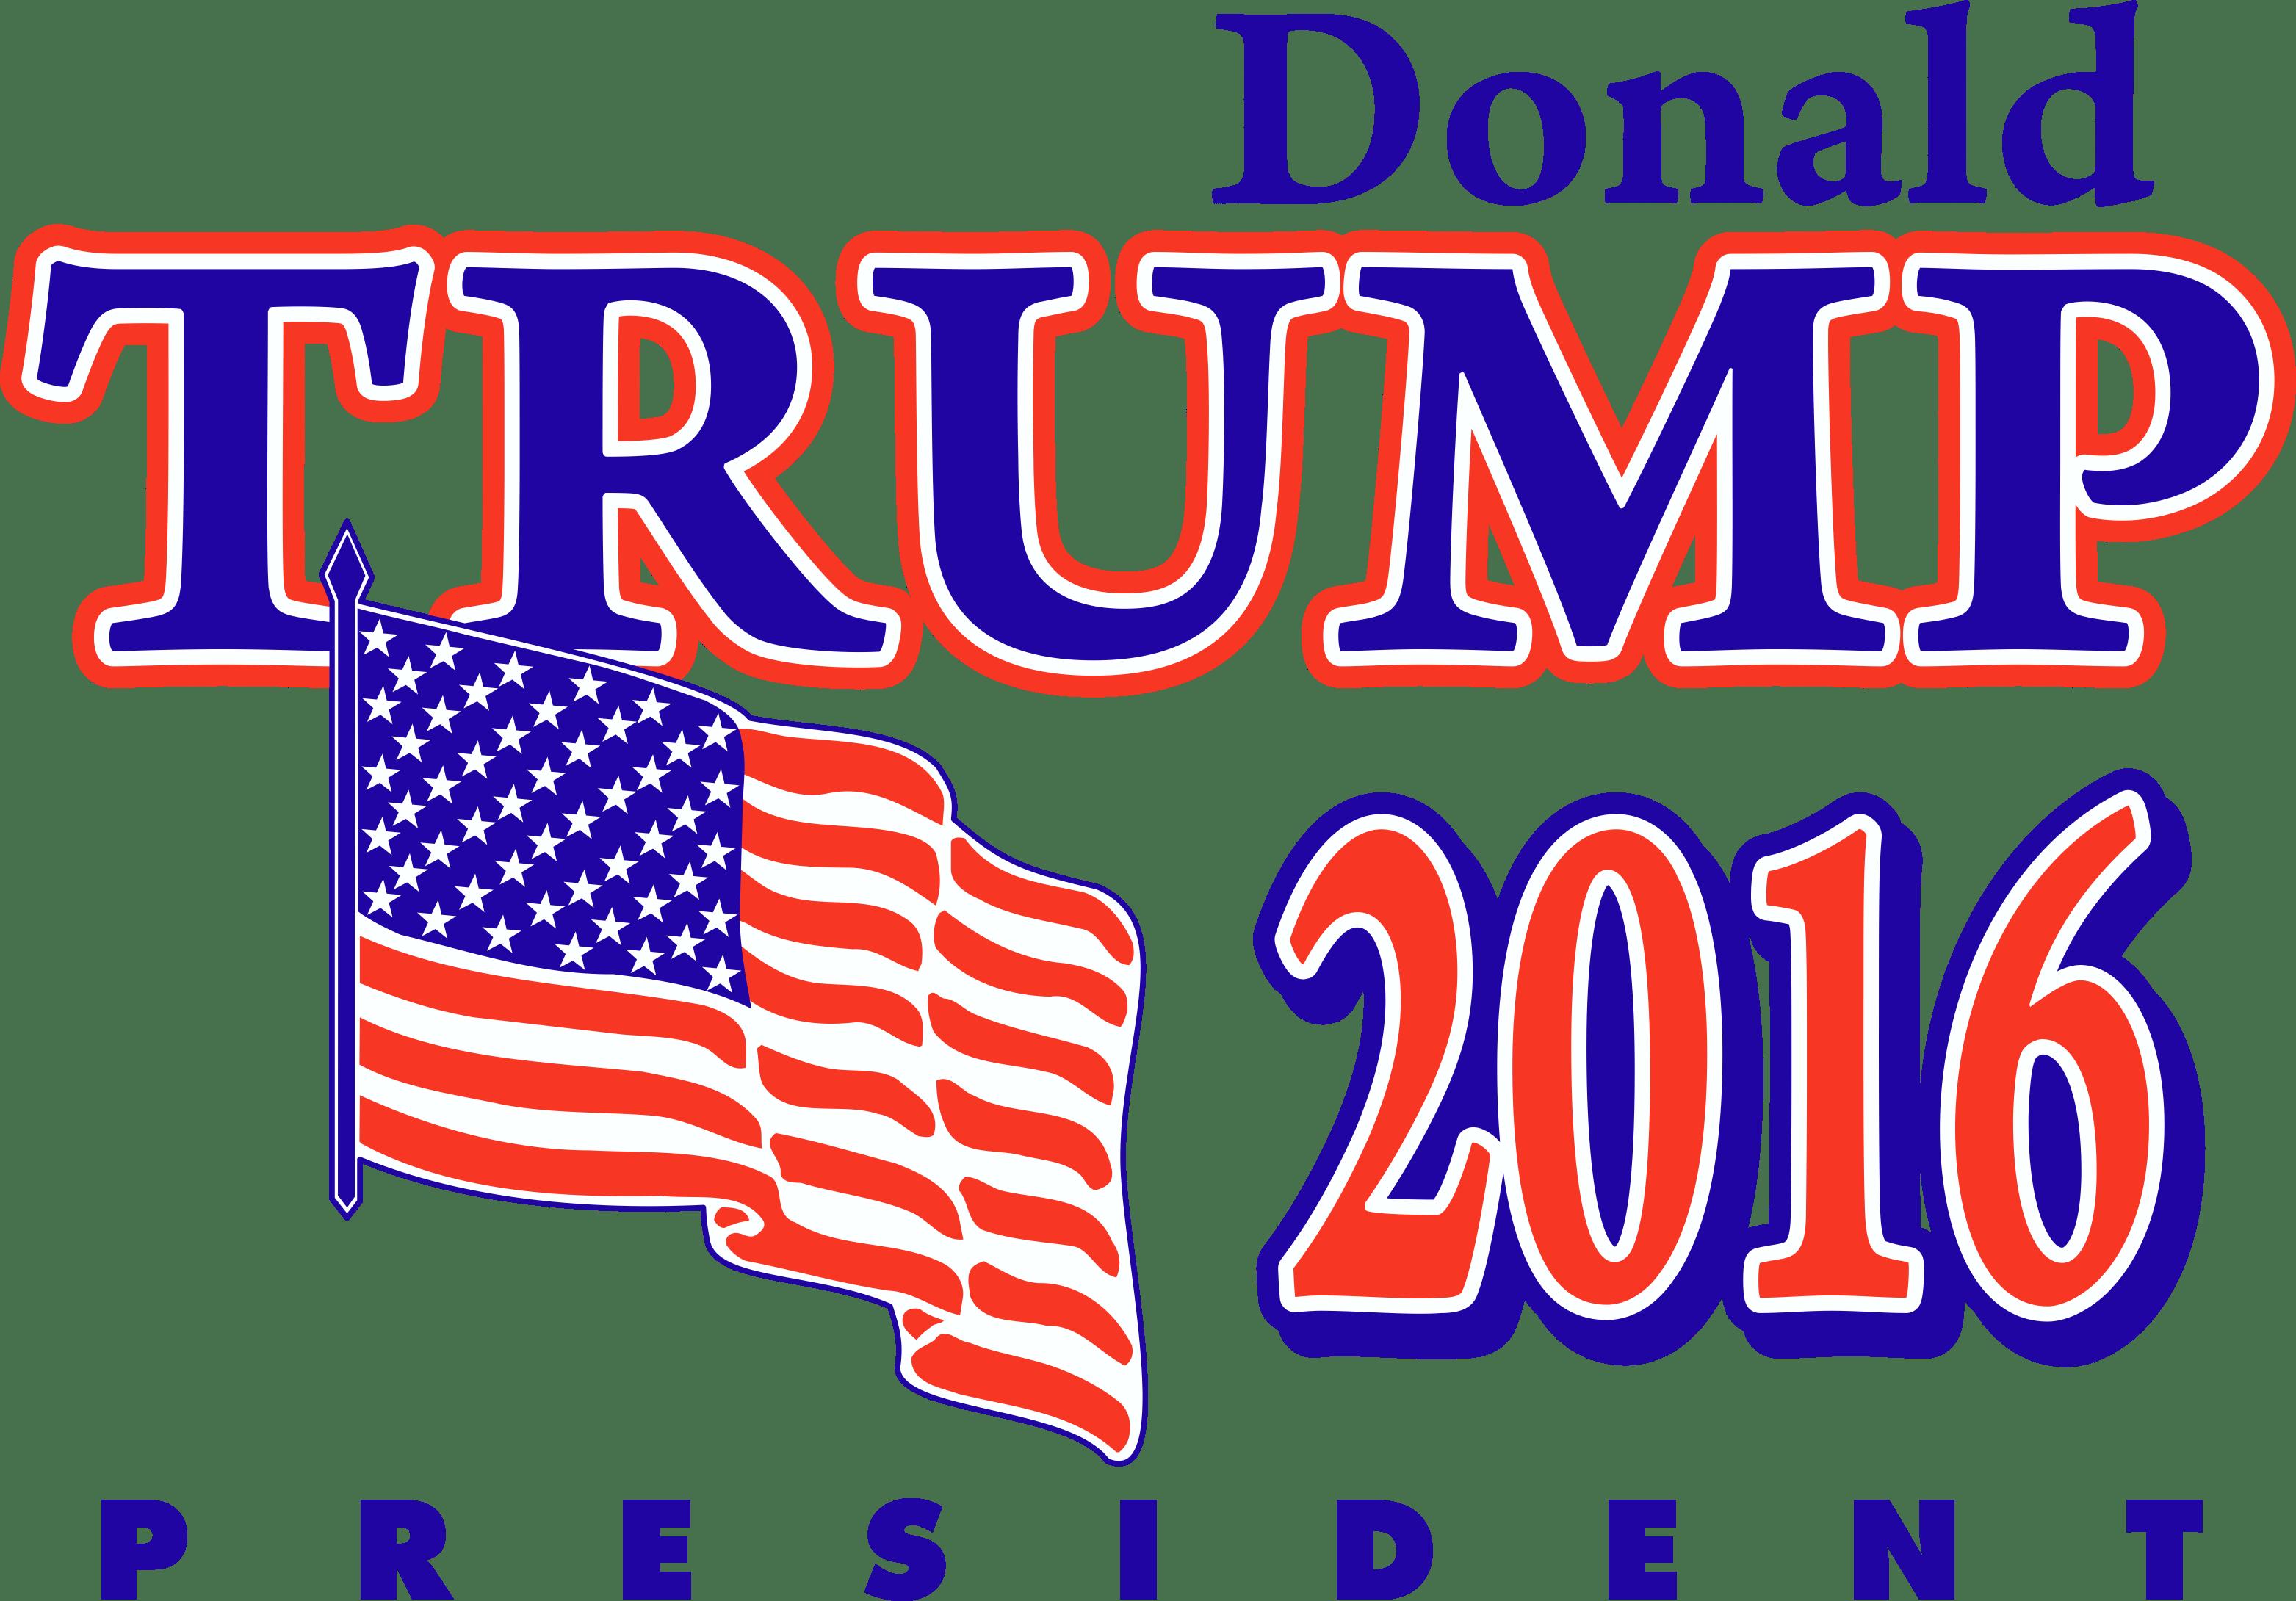 Donald Trump President Logo transparent PNG.